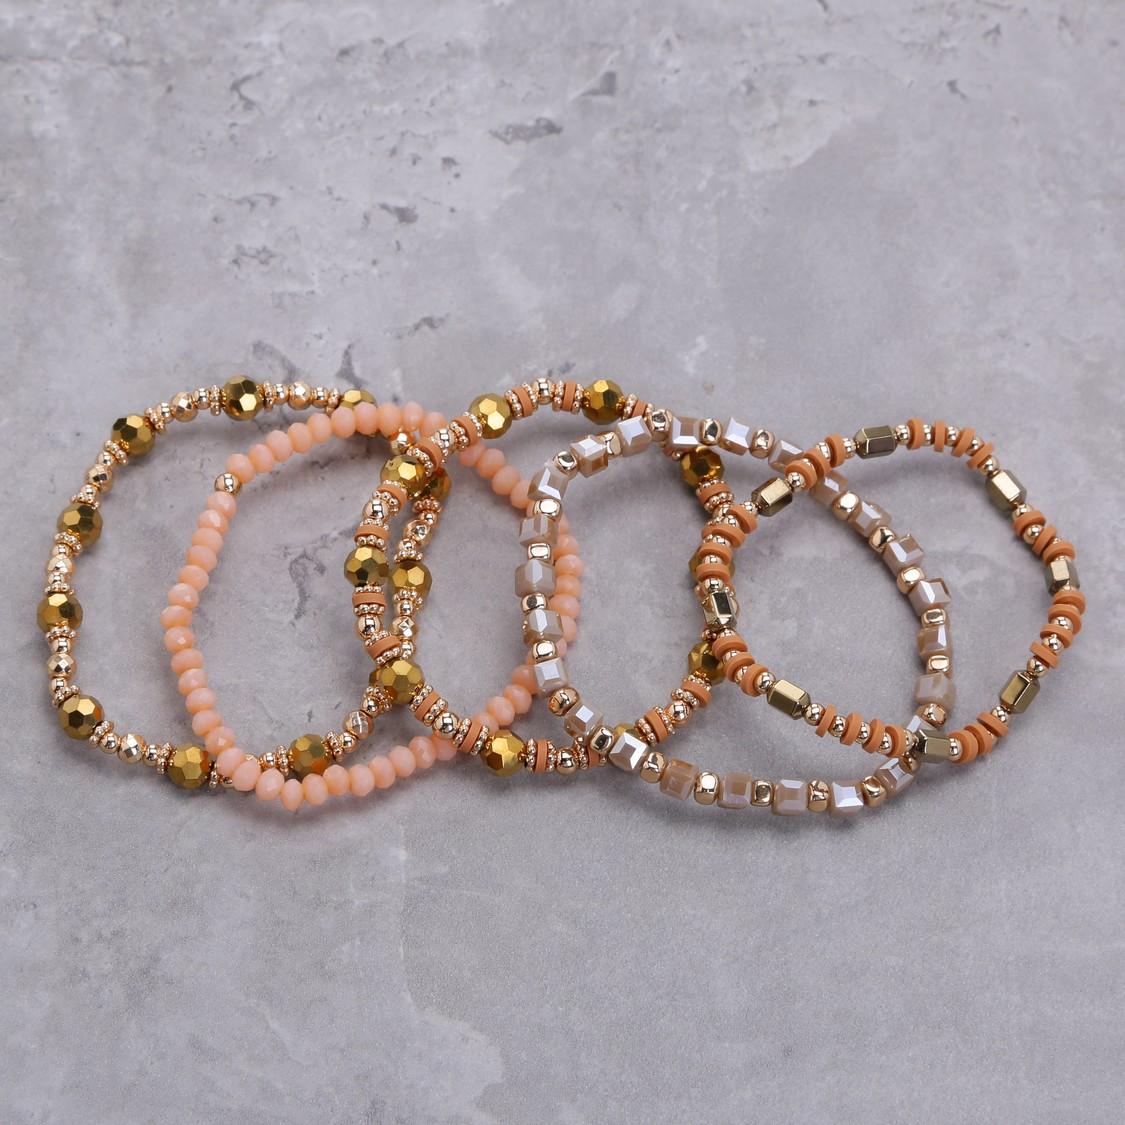 Beaded Bracelet - Set of 6